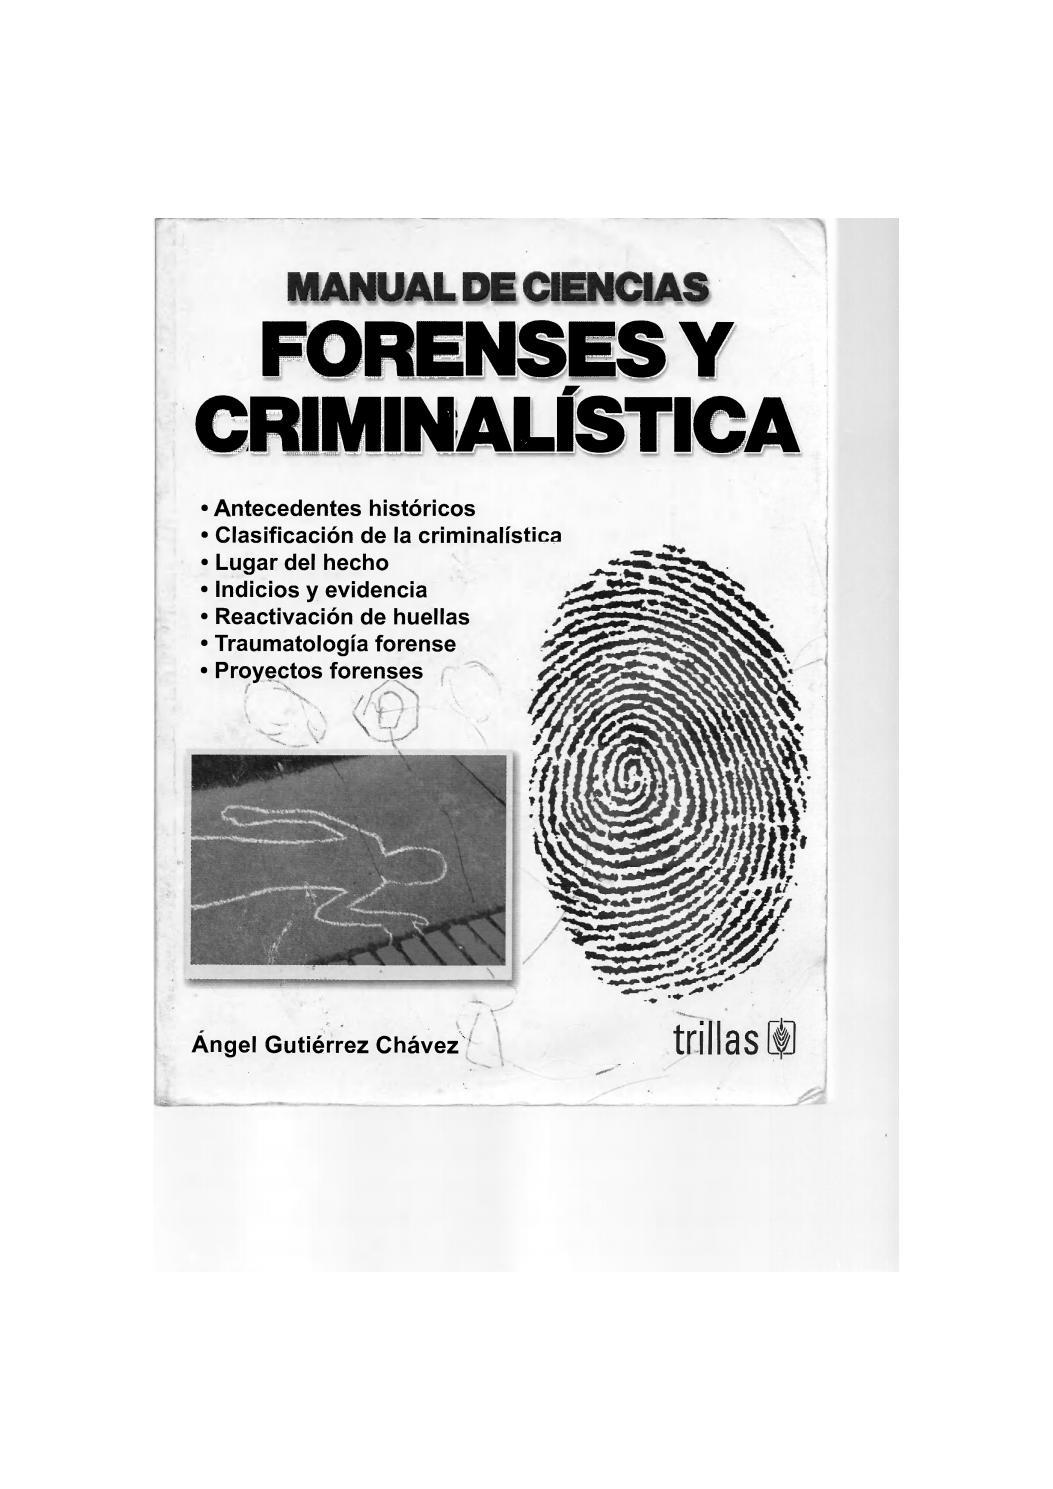 manual de ciencias forenses y criminalistica by guillermo